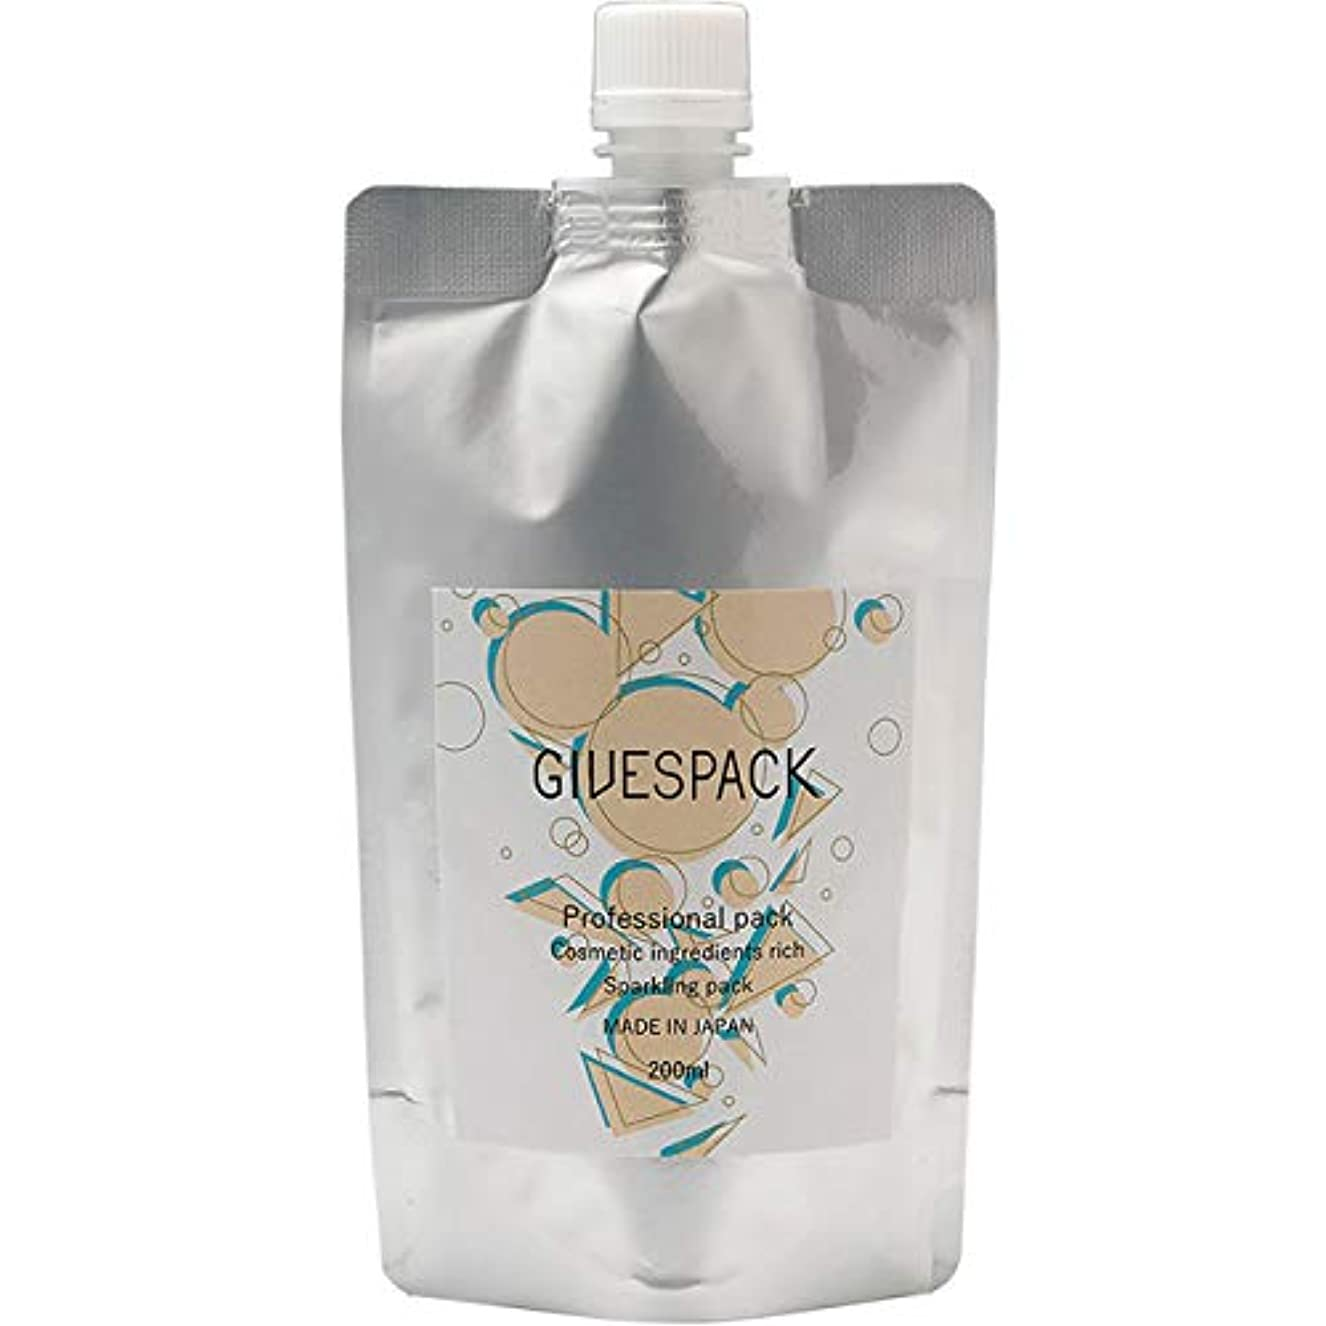 早くストレスの多い和NAVAN ギブスパック 炭酸パック 自宅エステ 手軽な一剤式(混ぜない) オールインワン 200ml たっぷり約23回分